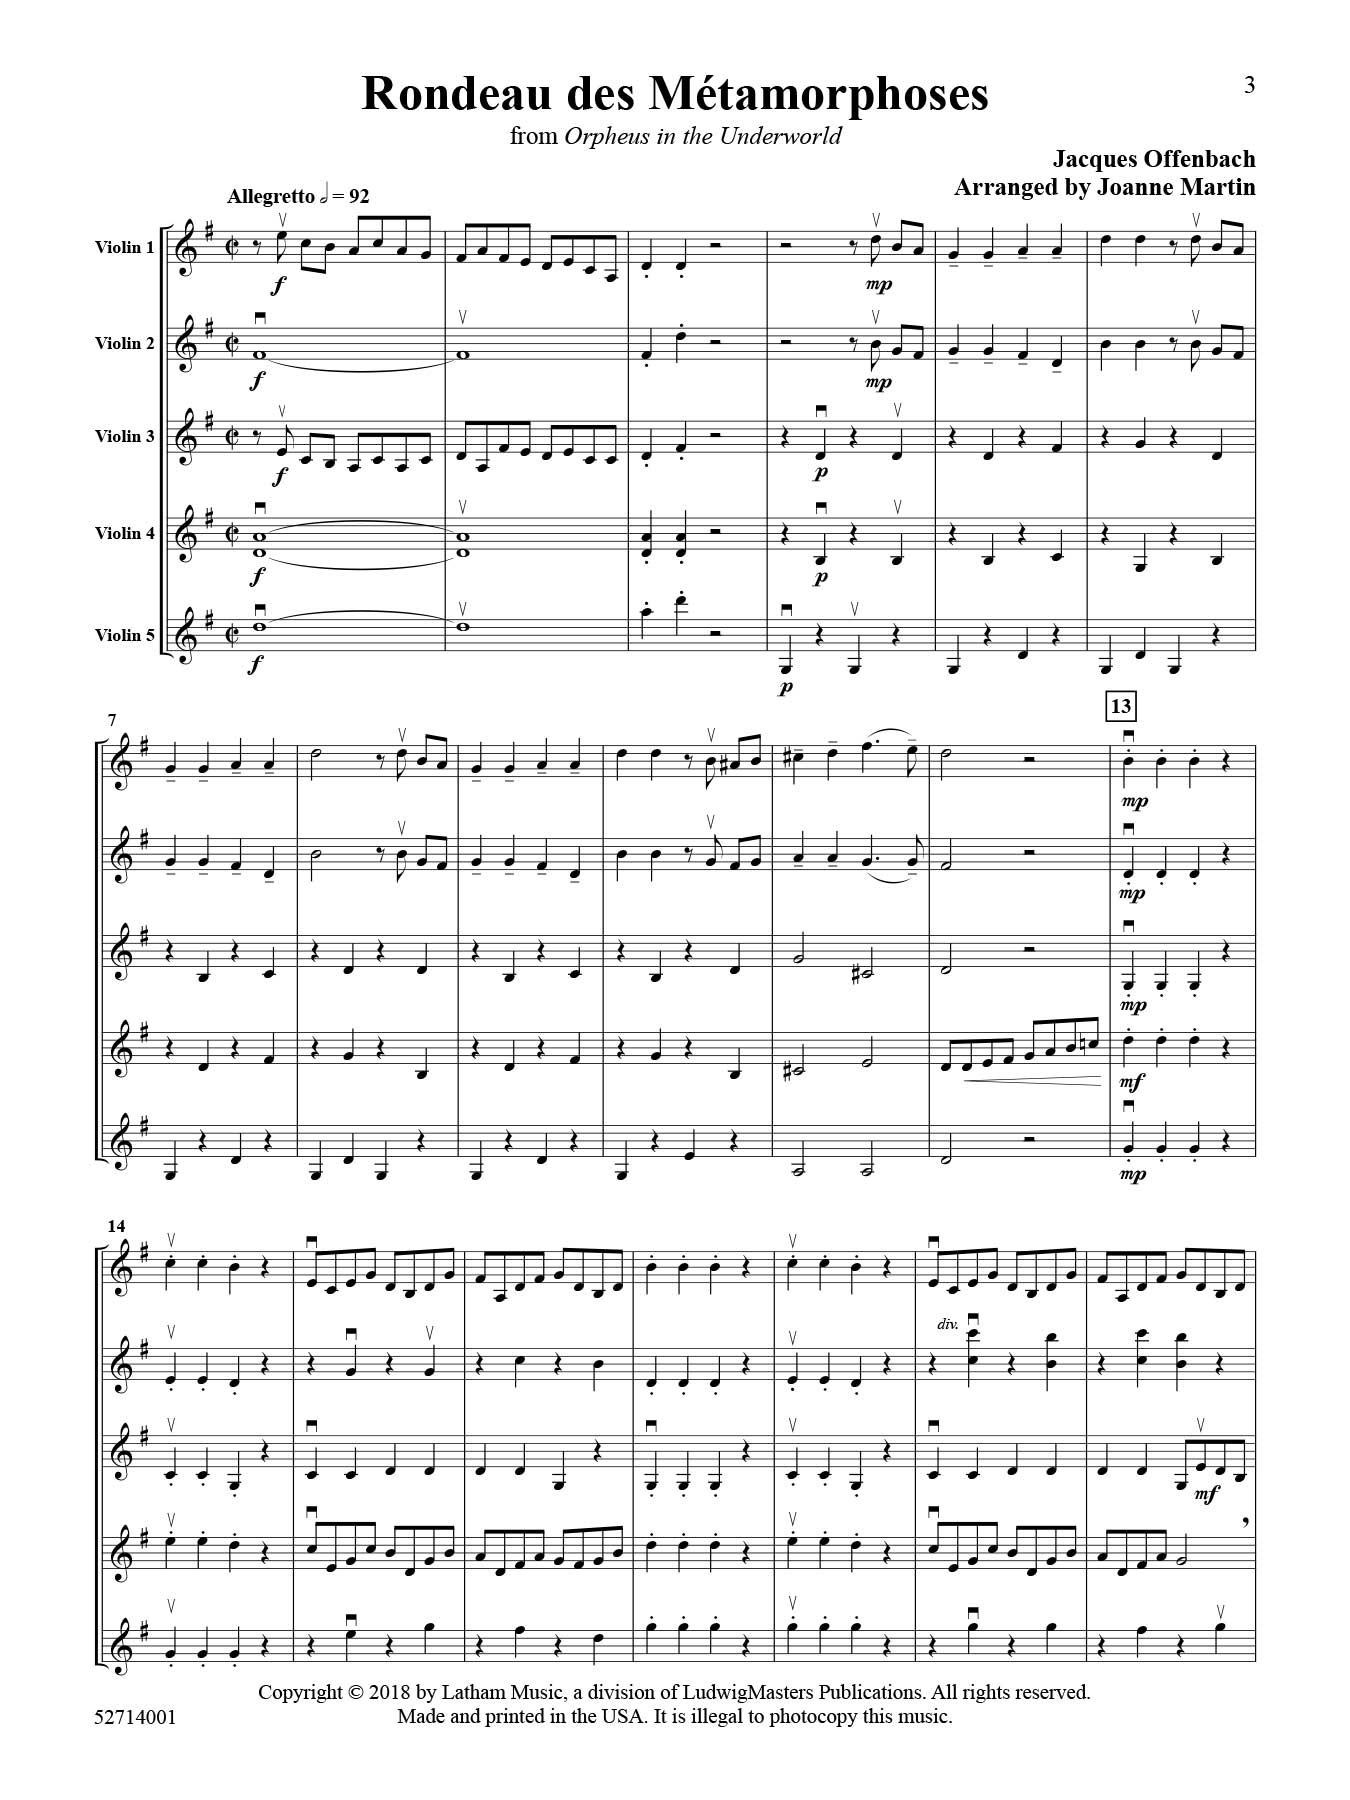 rondeau-des-metamorphoses-cancan-violin-quintet-score.jpg